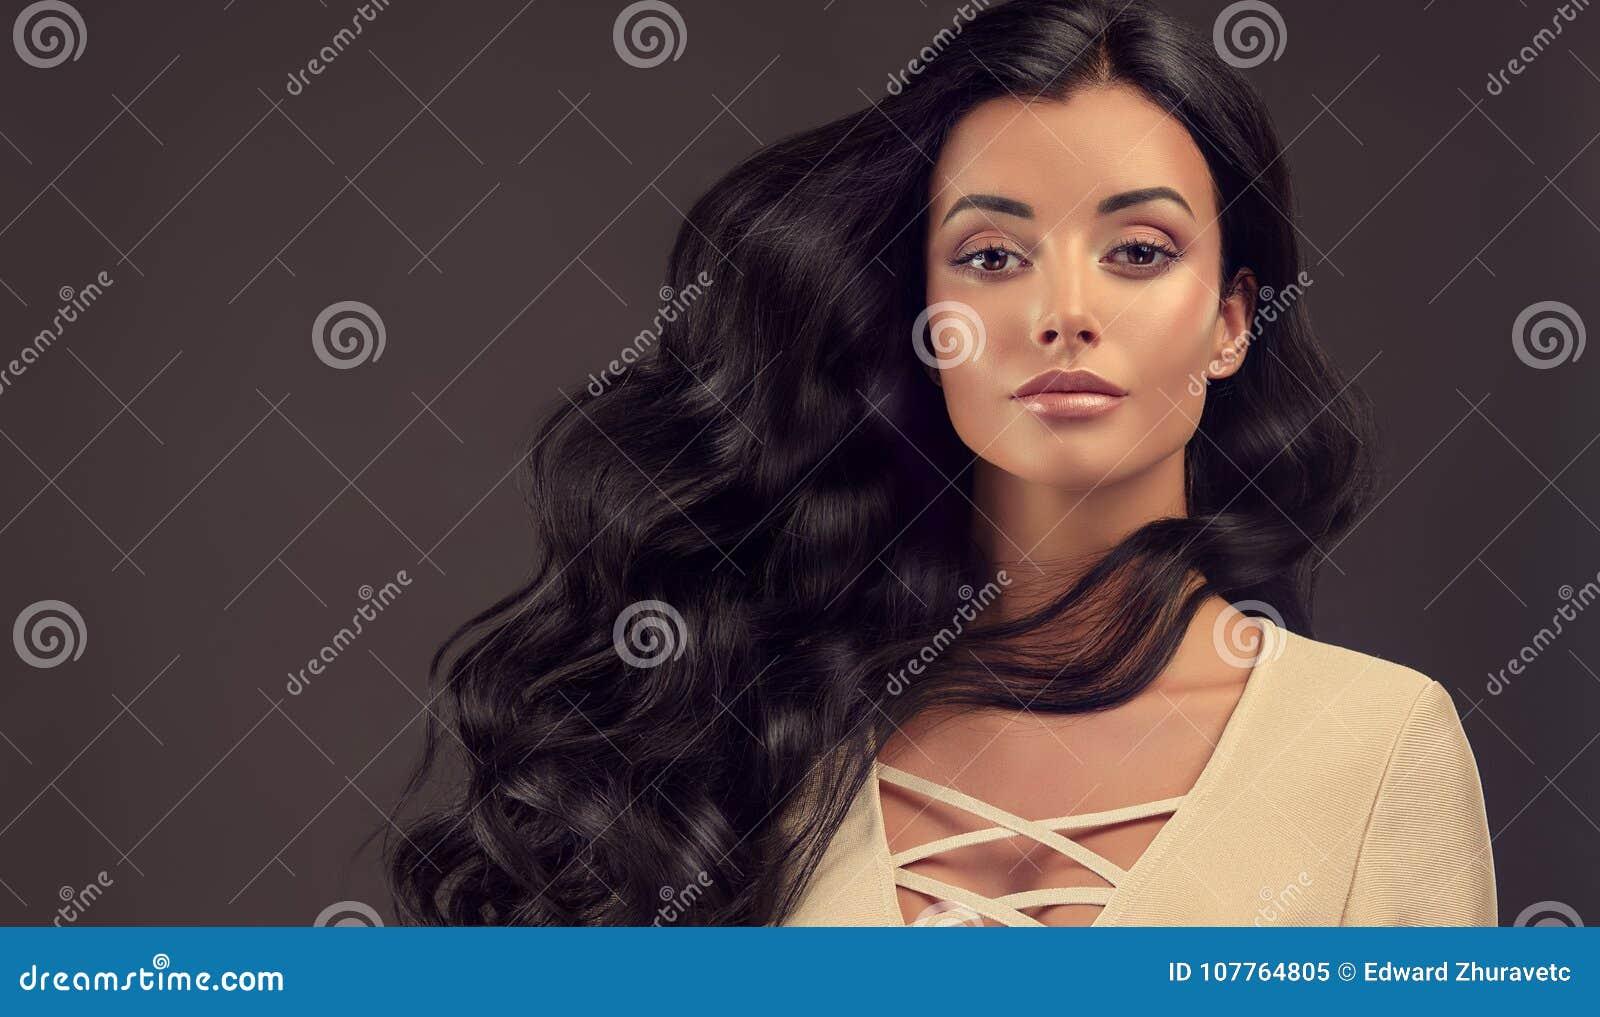 Mujer cabelluda negra joven con el pelo voluminoso, brillante y ondulado